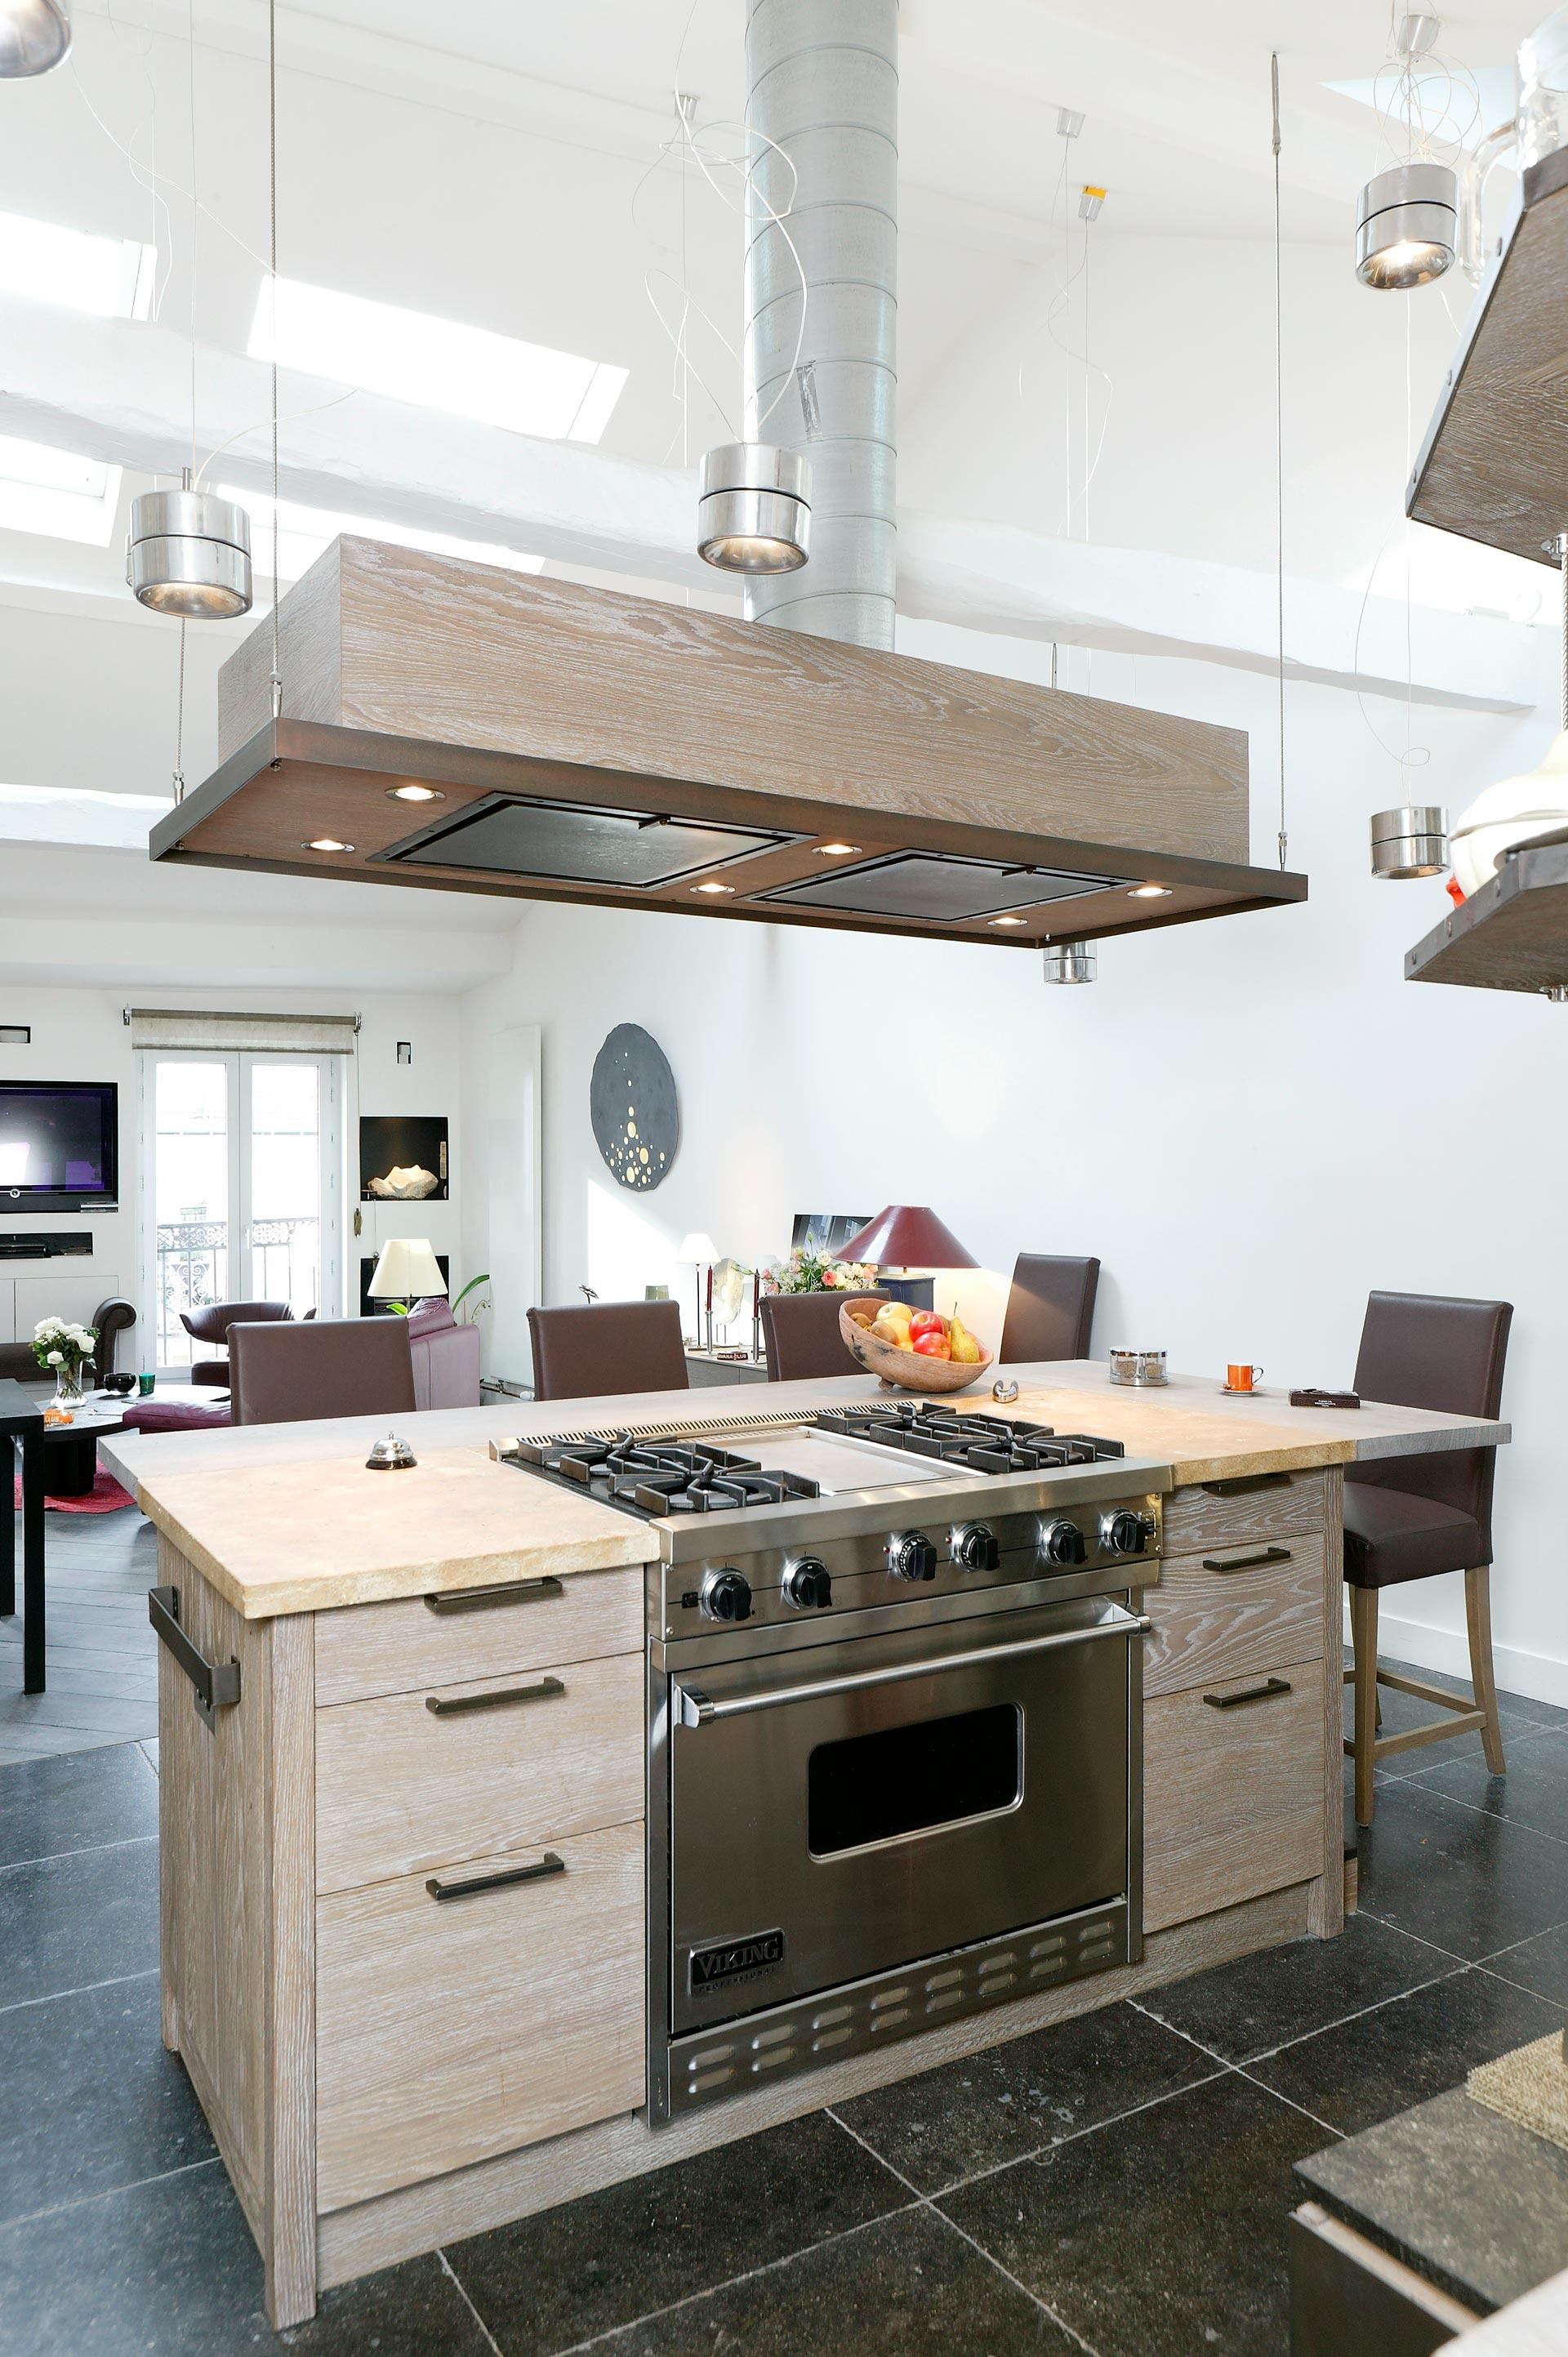 Cuisine en ch ne old grey et pierre de bourgogne une for Decouvrir cuisine